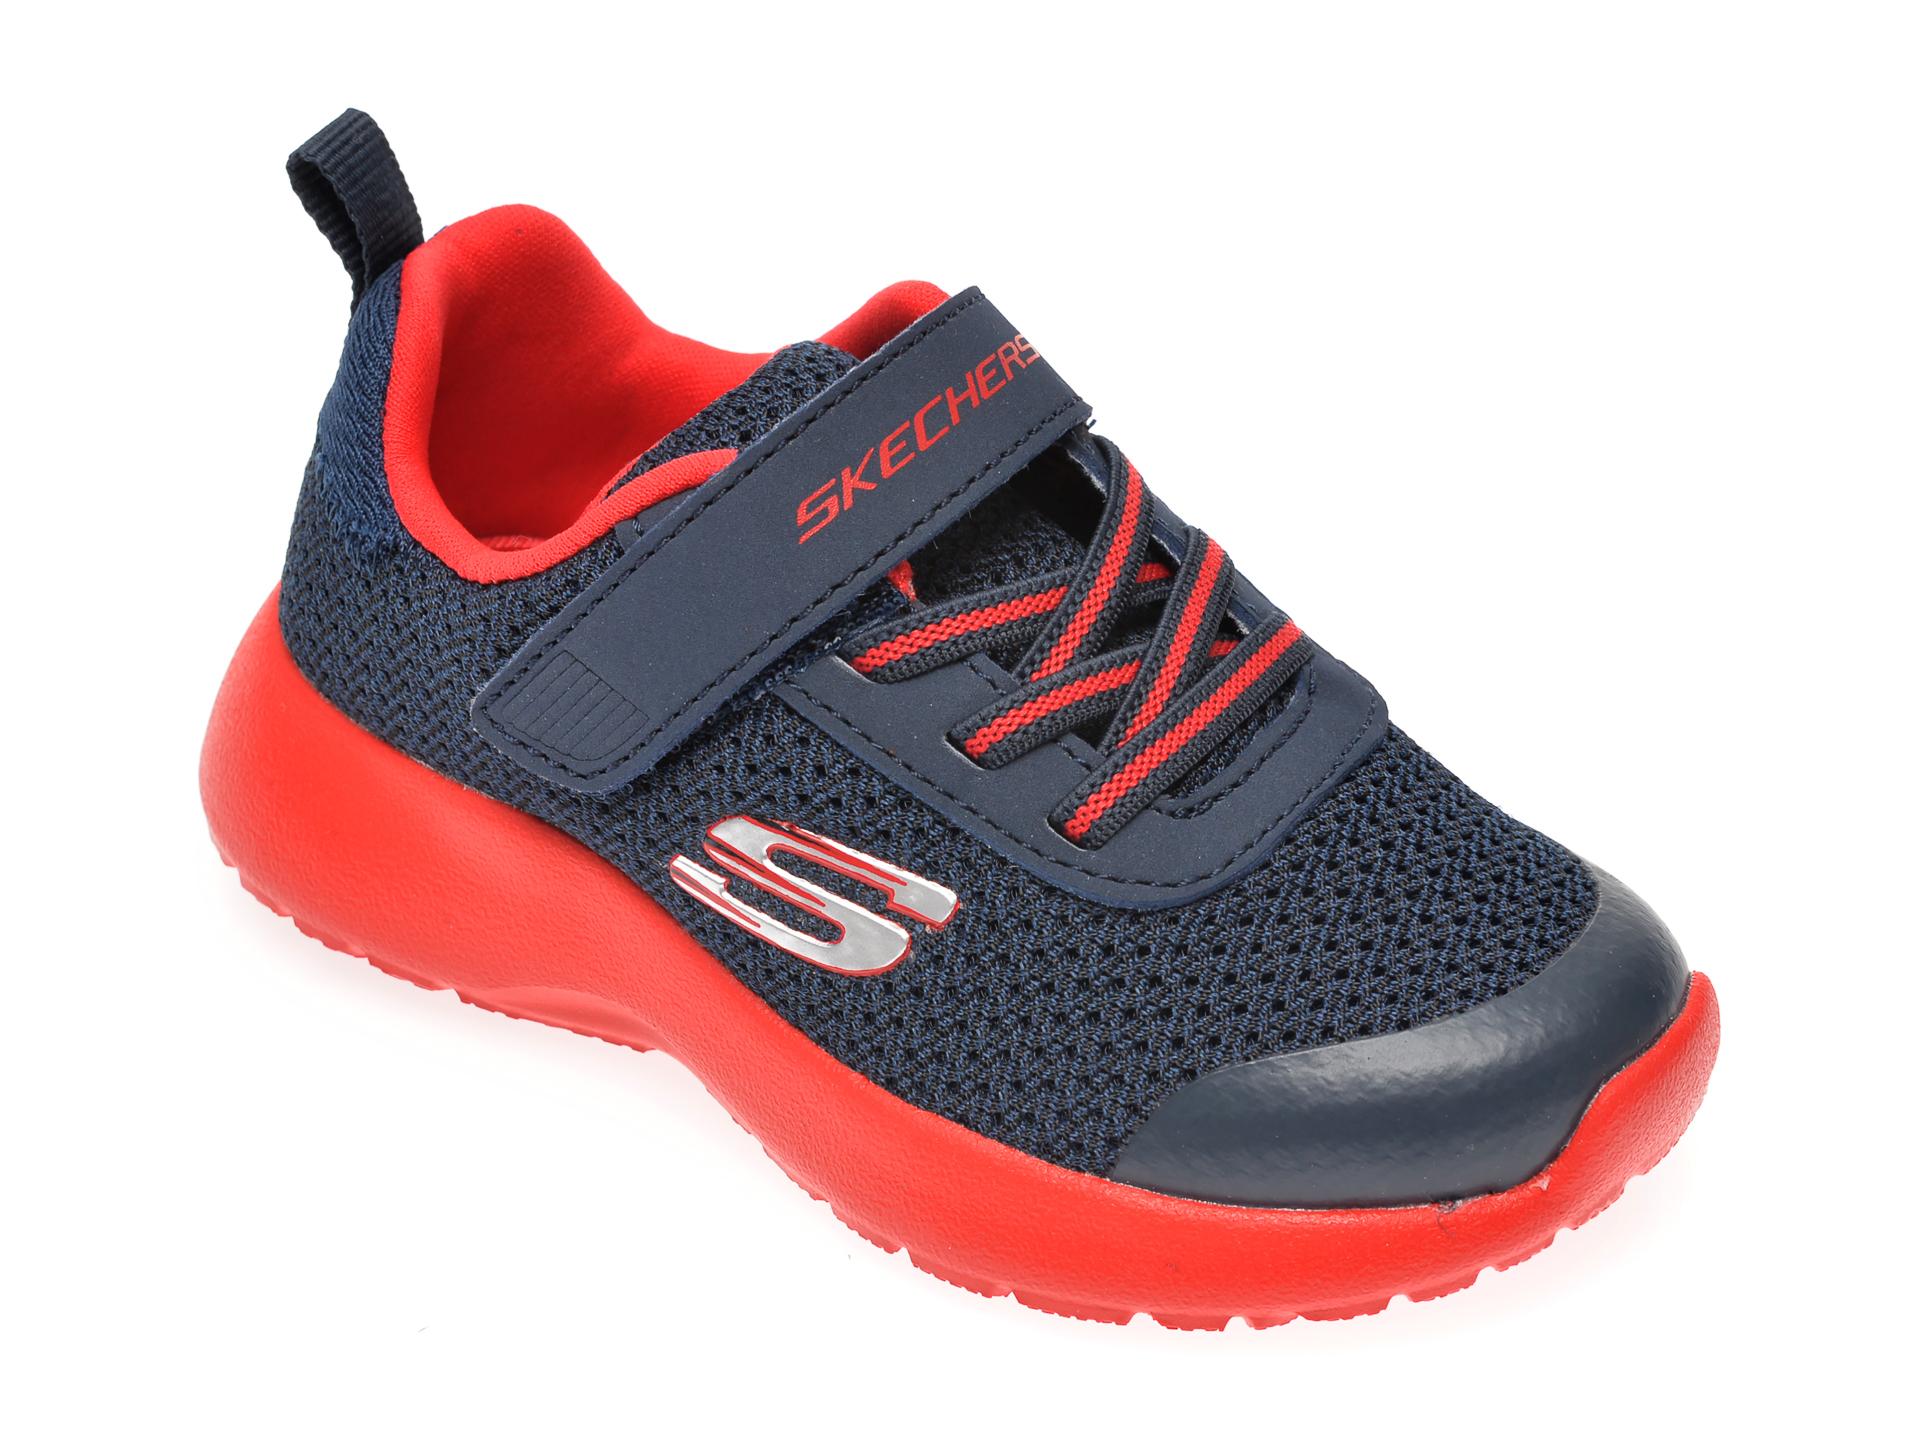 Pantofi sport SKECHERS bleumarin, Dynamight Ultra Torque, din material textil imagine otter.ro